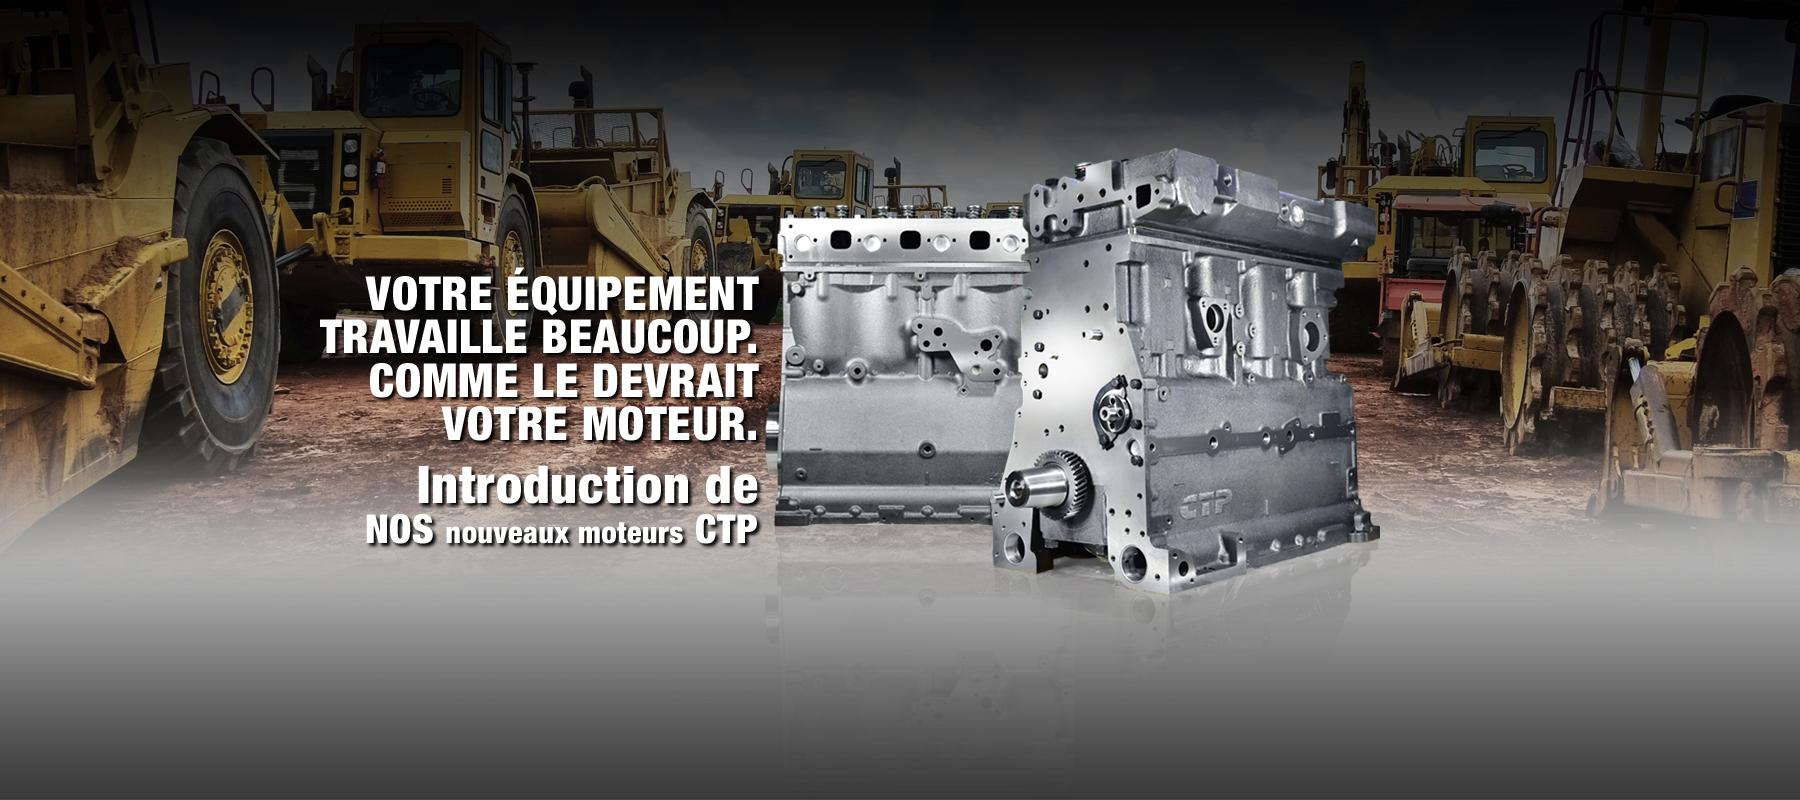 banner-slide-bg-12-fr